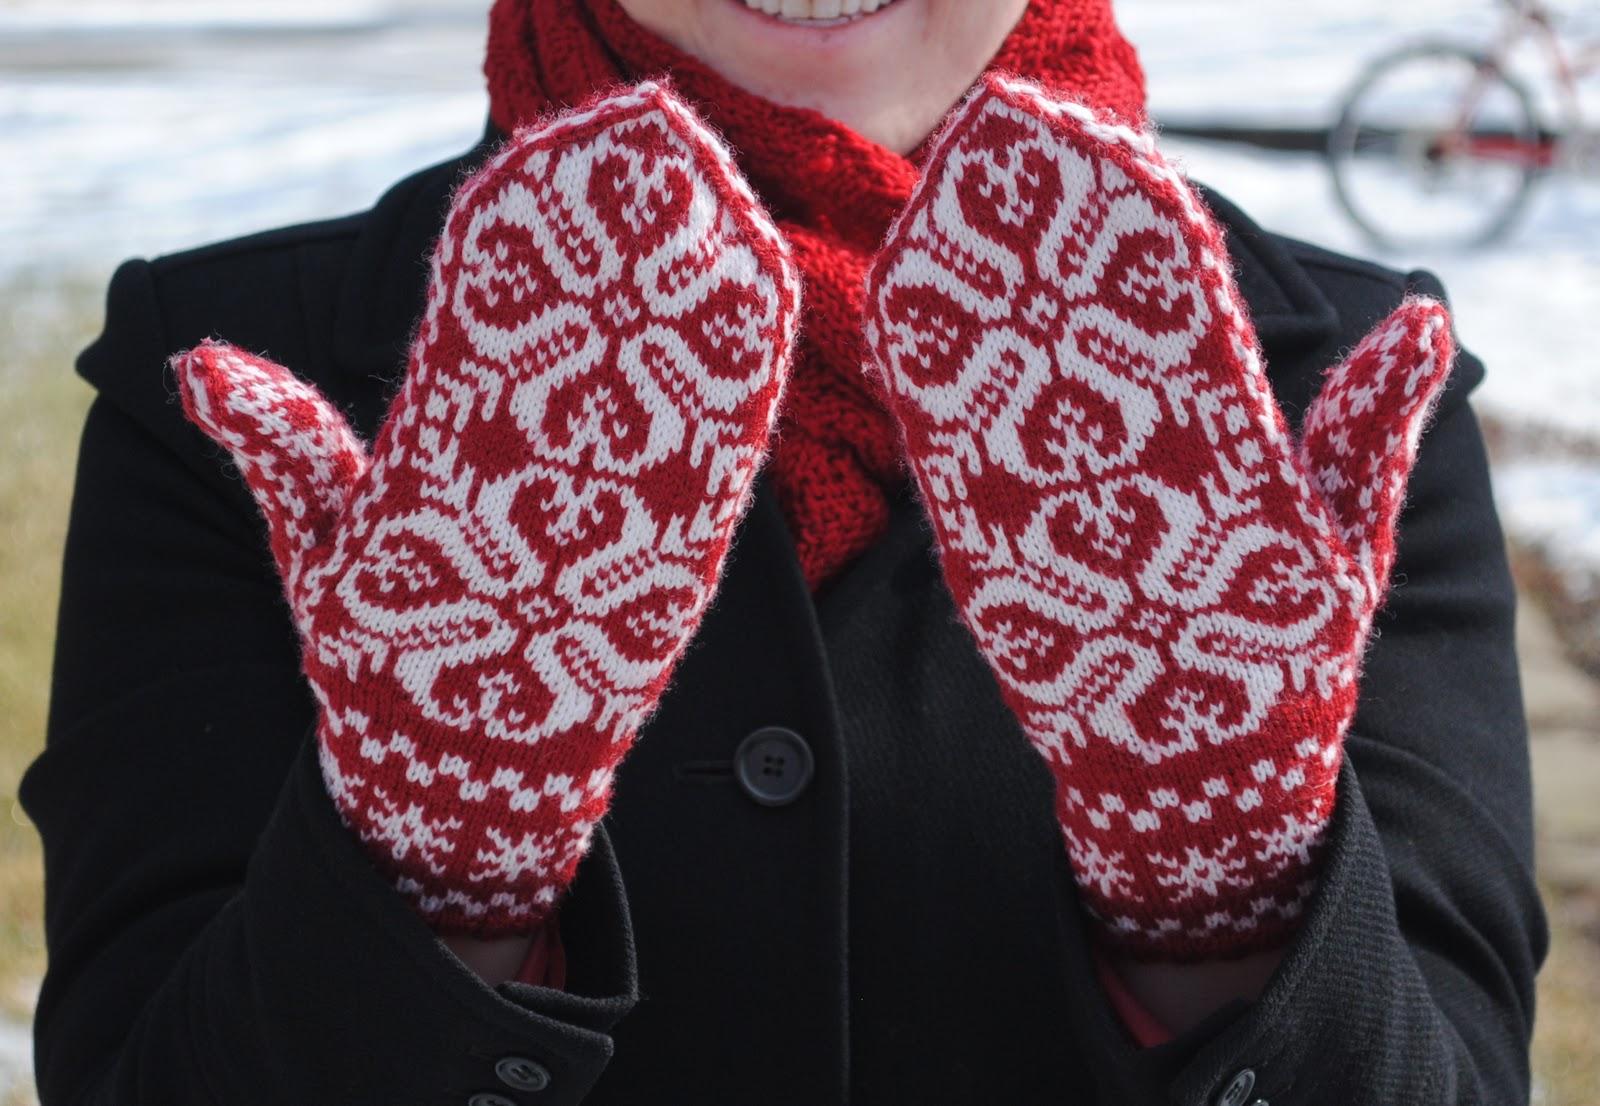 Knitting Pattern For Norwegian Mittens : Norwegian Mittens